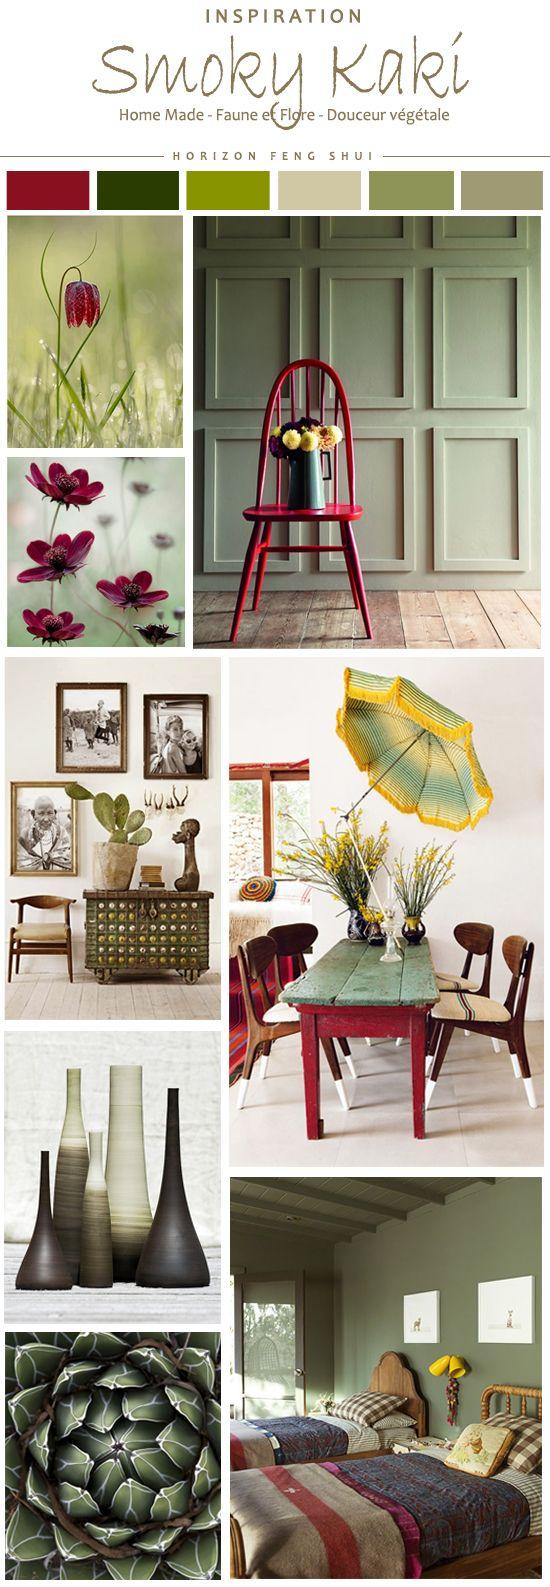 les 25 meilleures id es de la cat gorie feng shui sur pinterest feng shui conseils et. Black Bedroom Furniture Sets. Home Design Ideas